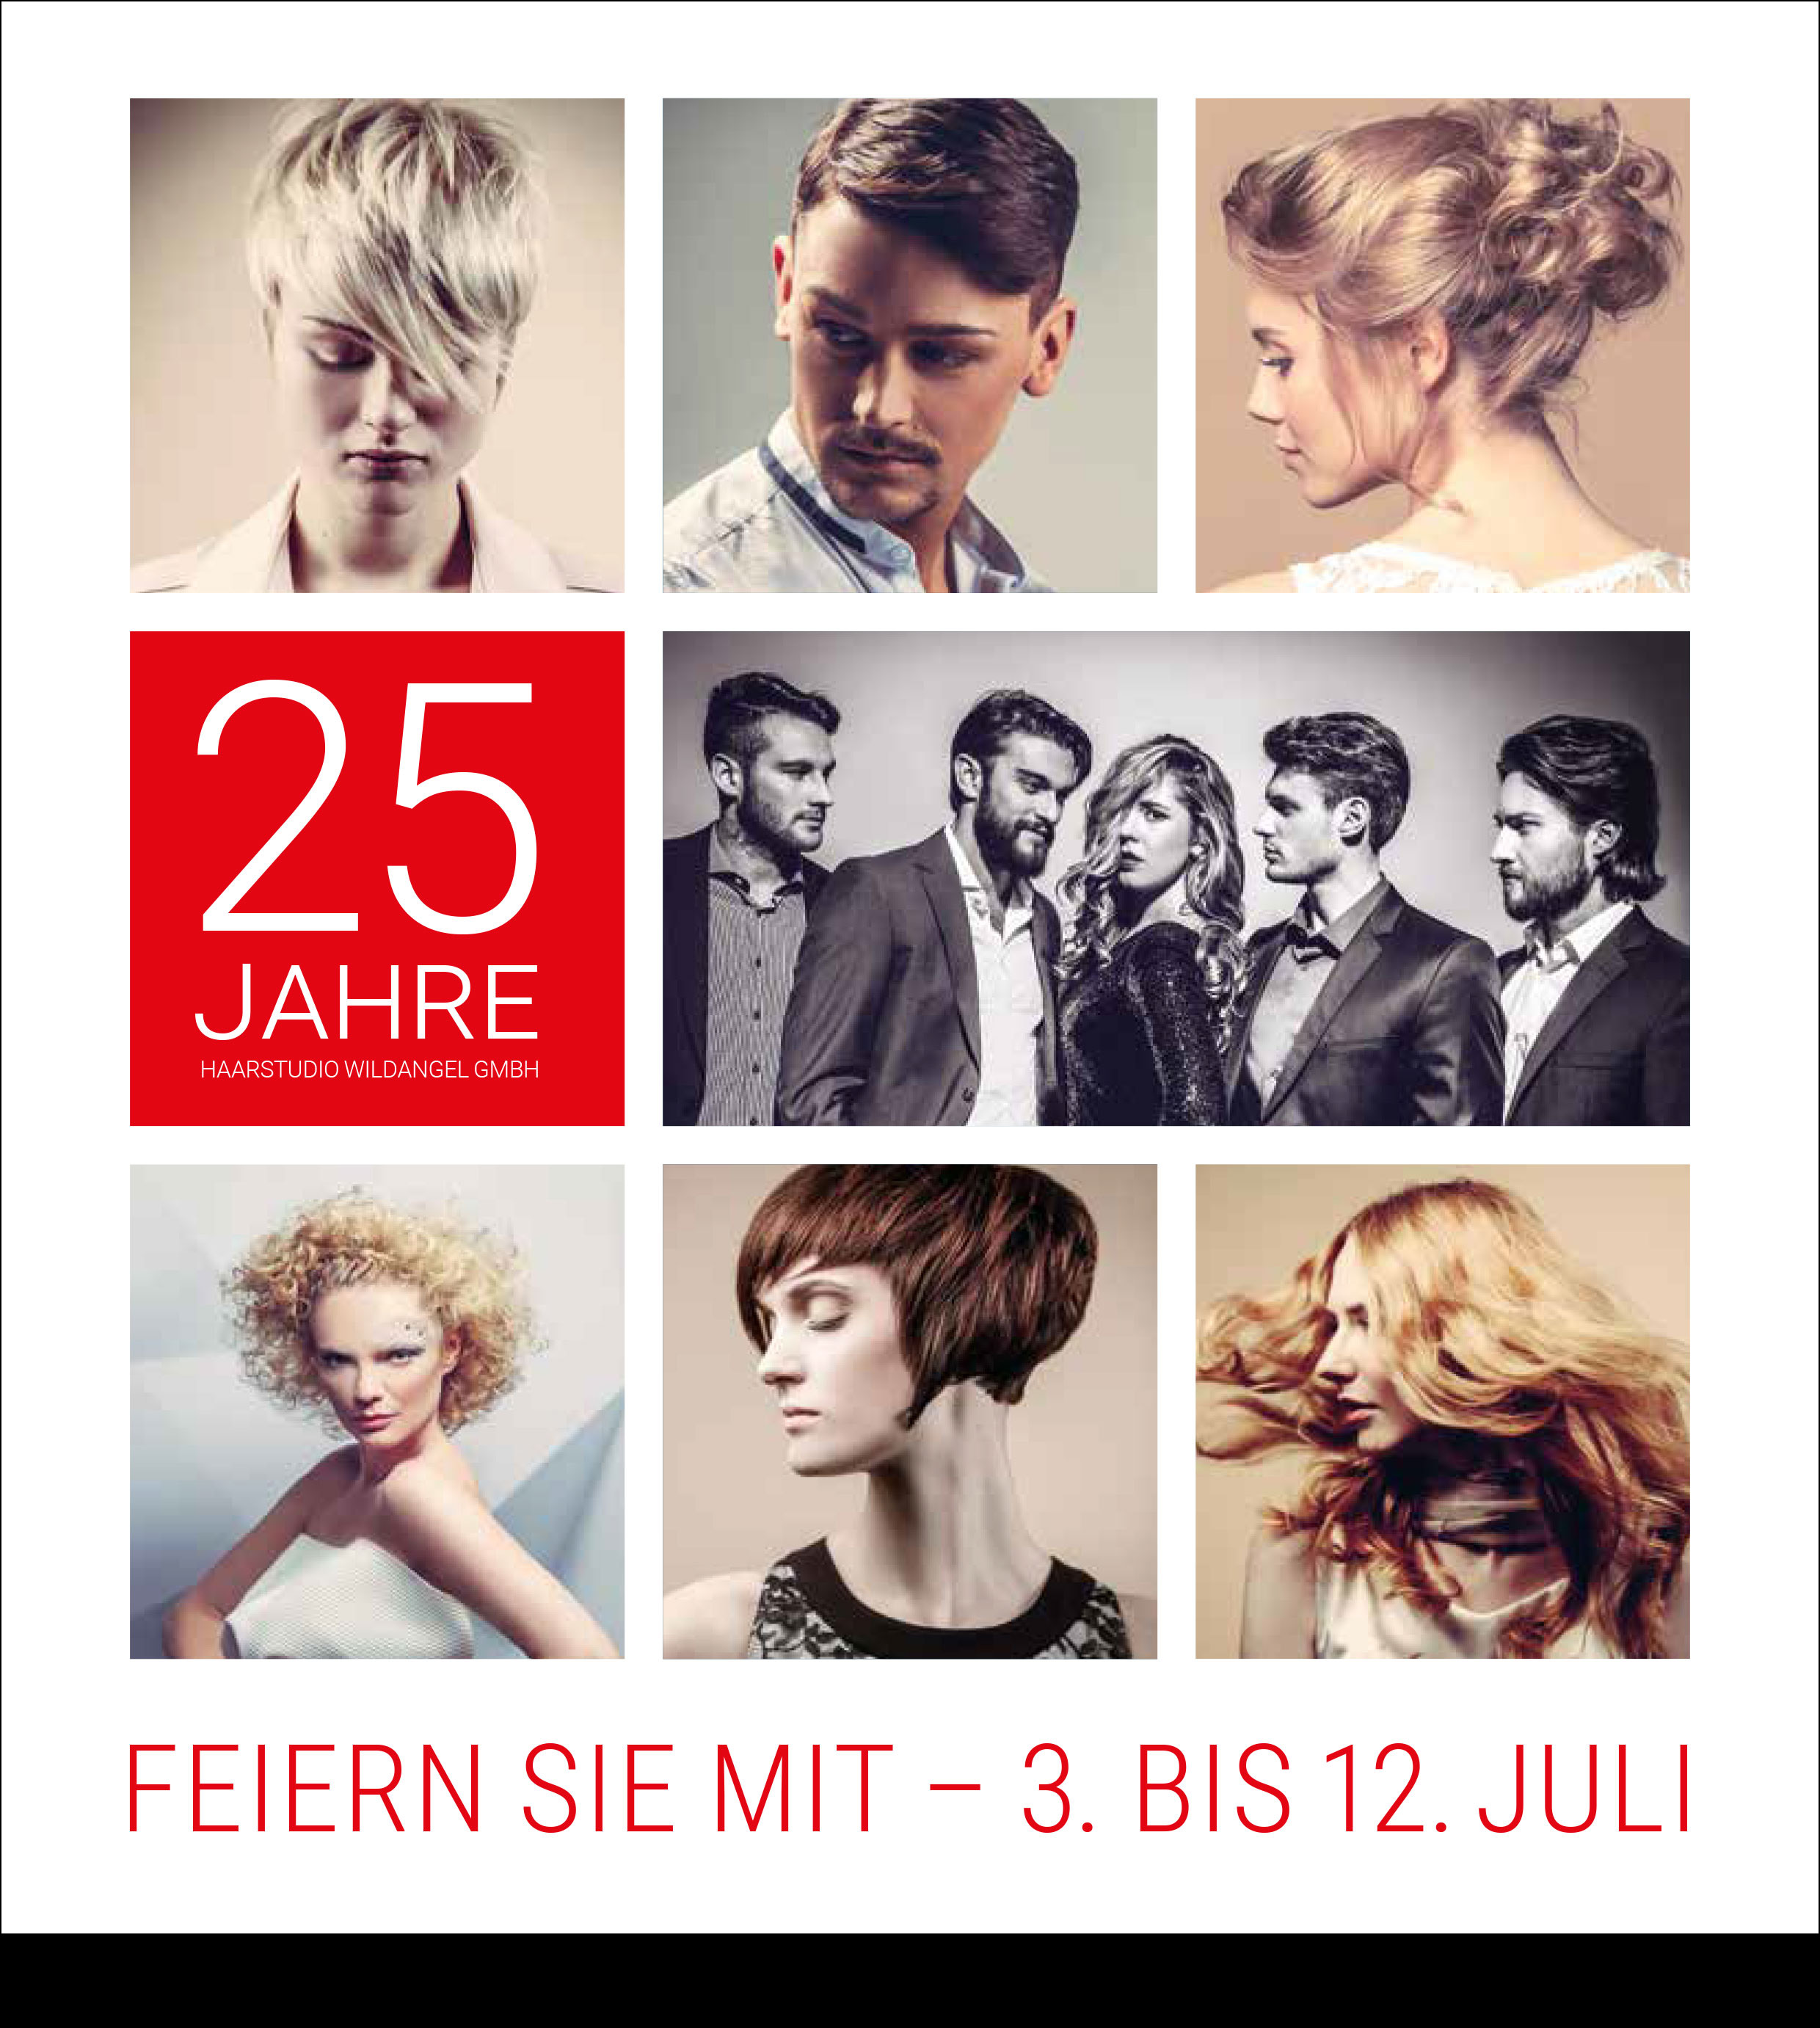 25 Jahre Haarstudio Wildangel GmbH